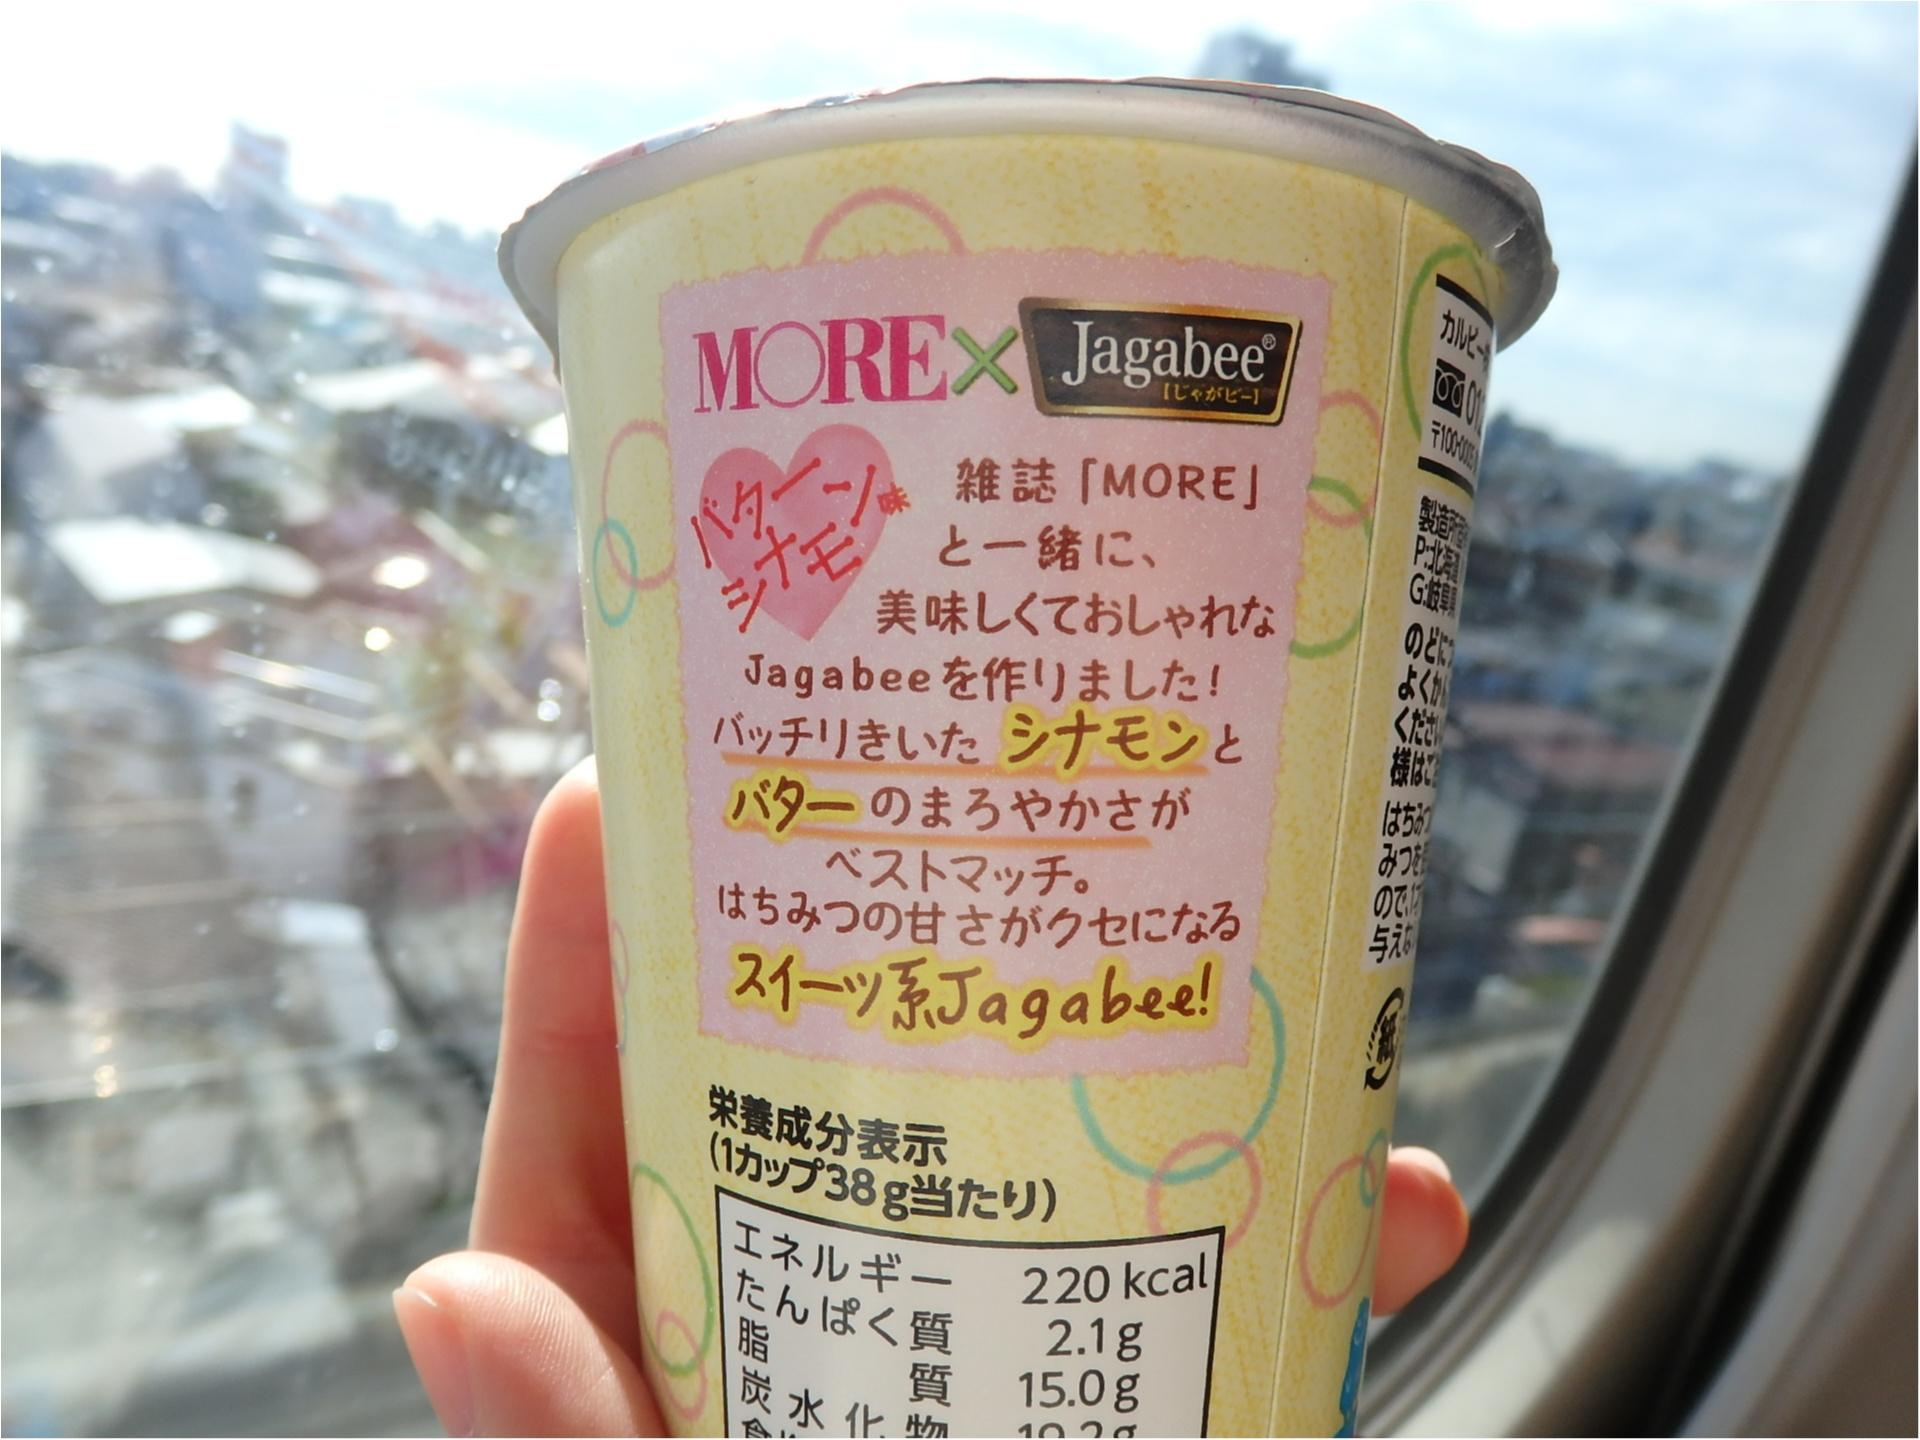 【美味しすぎる】MOREコラボのJagabee、試してみた?_2